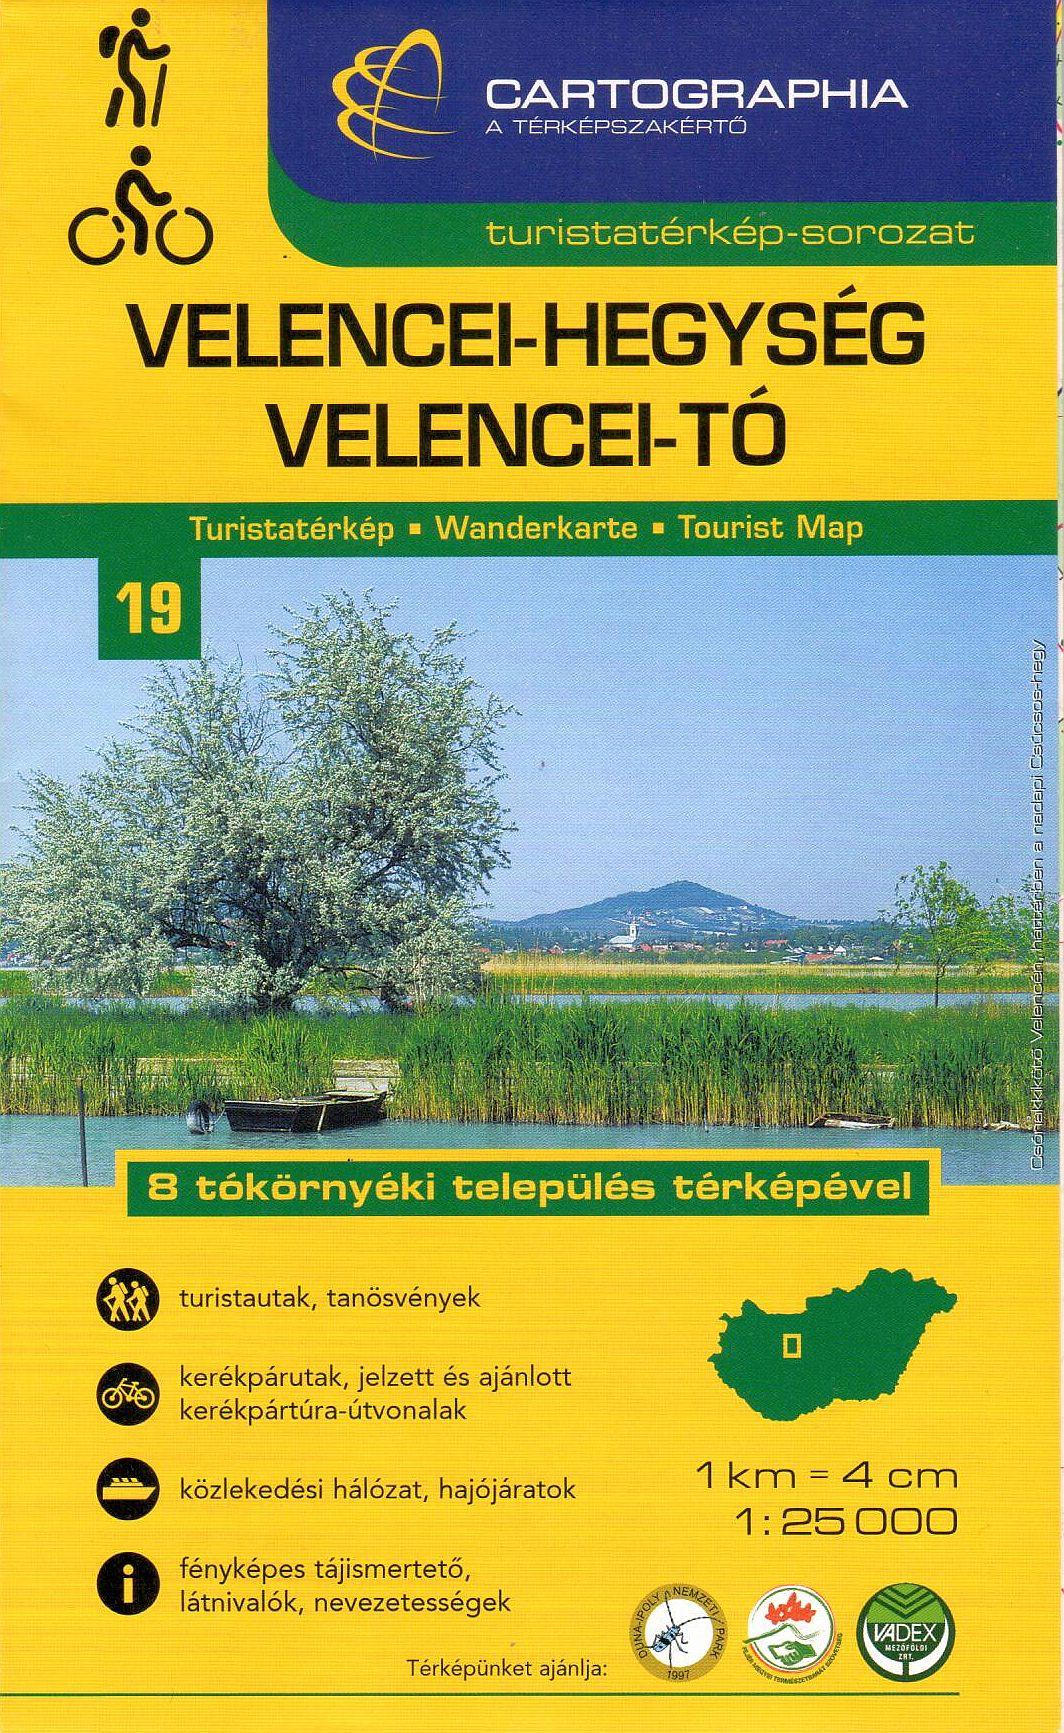 turistatérkép részletes településtérképekkel, utcajegyzékkel és fényképes tájékoztatókkal